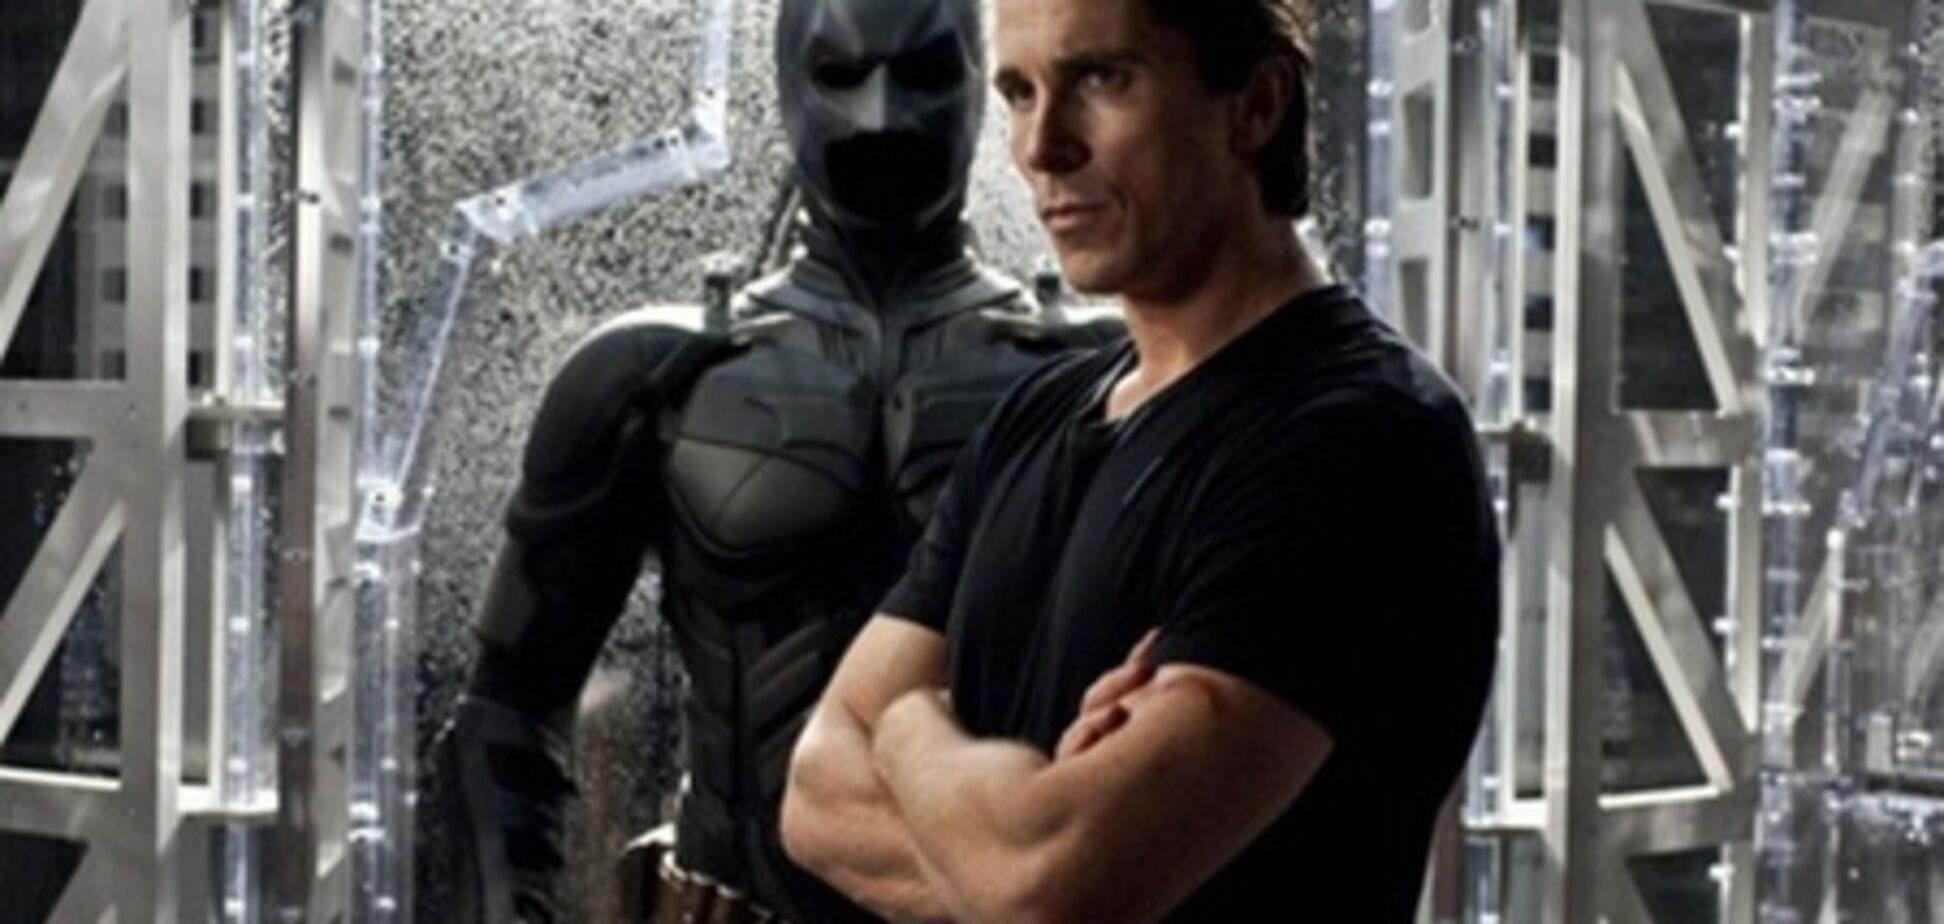 Кристиан Бэйл больше никогда не будет Бэтменом